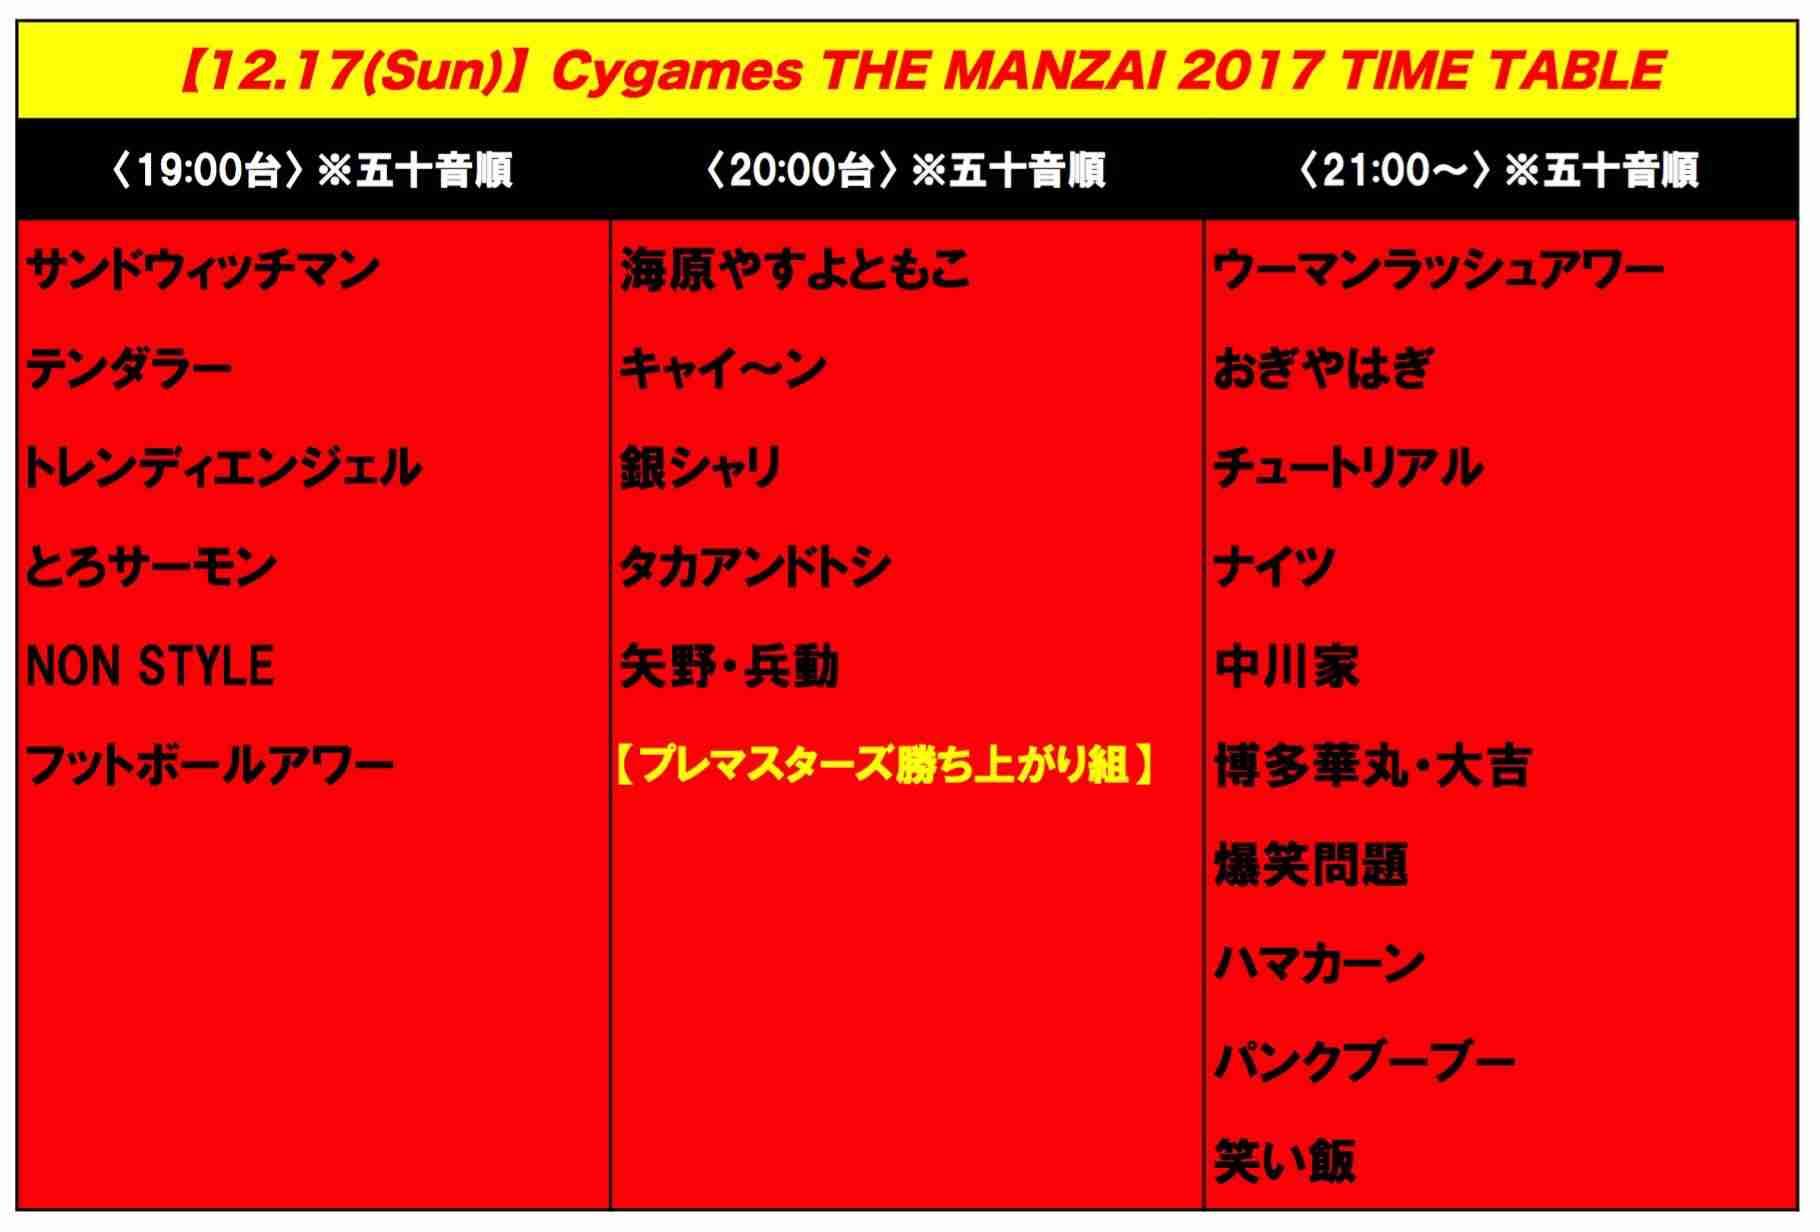 【実況・感想】THE MANZAI 2017 プレミアマスターズ